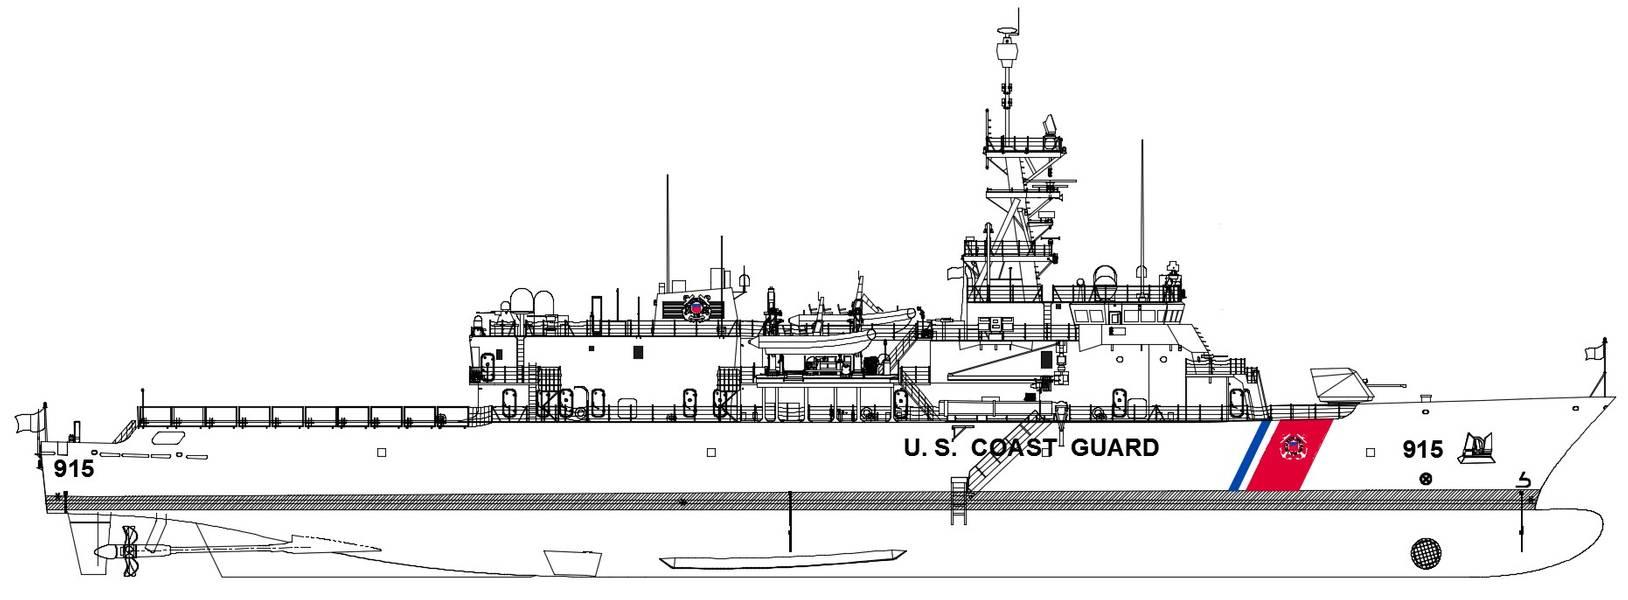 Ein Rendering des Offshore Patrol Cutters